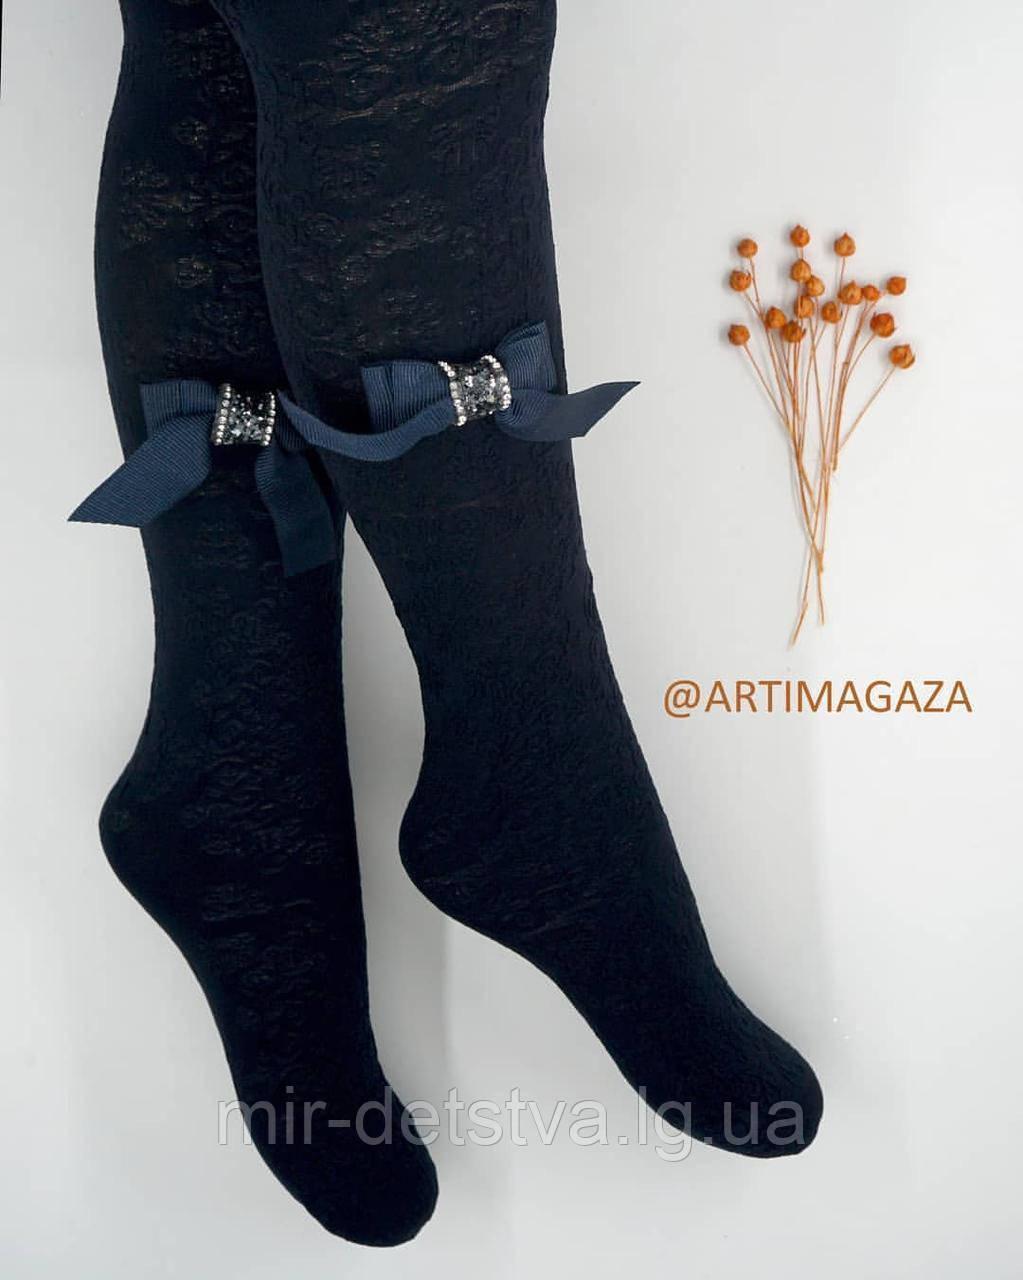 Нарядные колготки для девочек TM Katamino оптом, Турция р.13-14 (158-164 см) синий